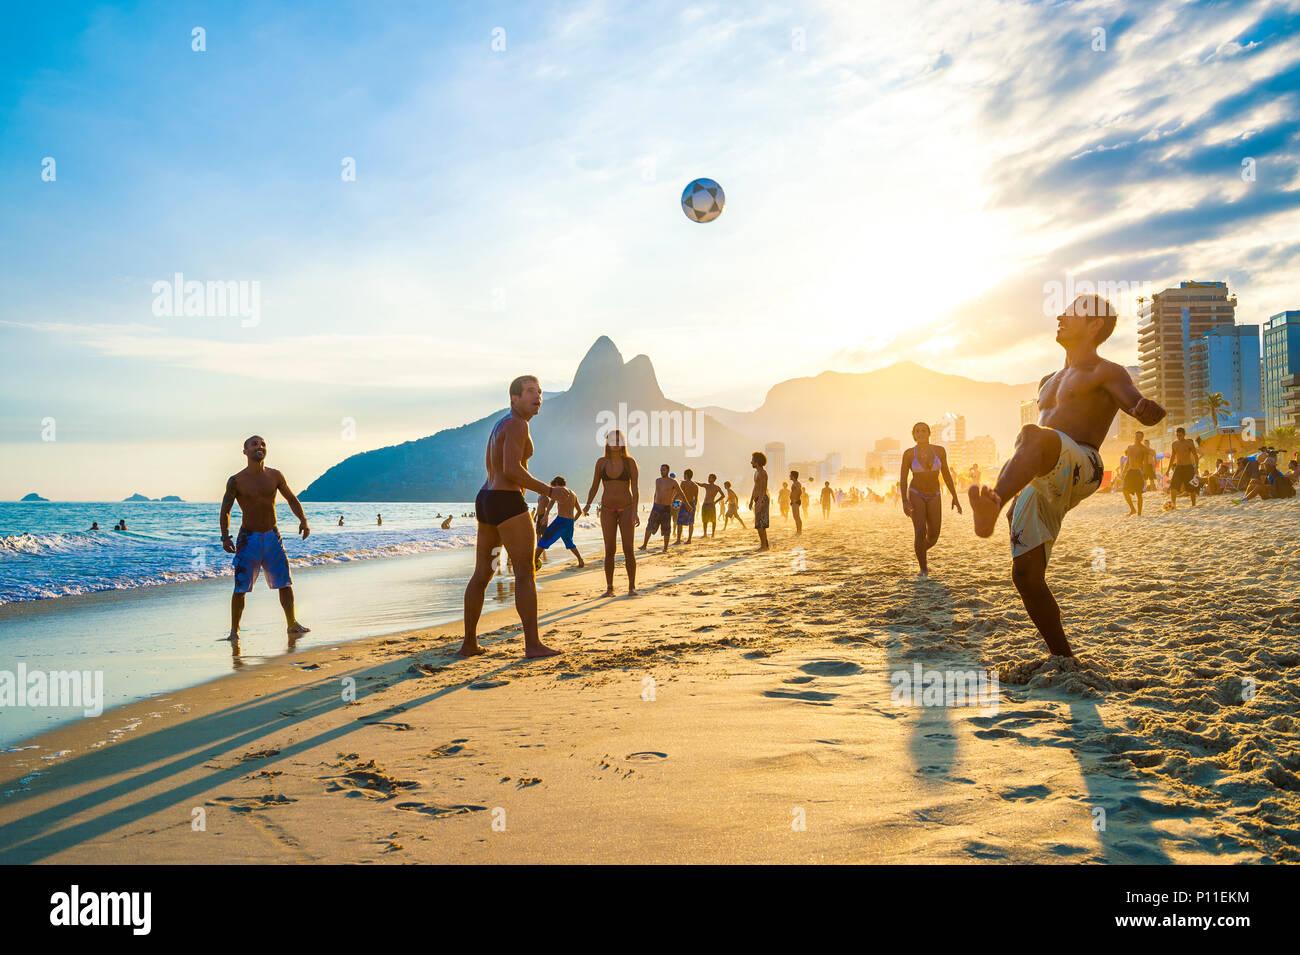 RIO DE JANEIRO - Aprile 01, 2014: gruppi di giovani brasiliani giocare keepy uppy, o altinho, al tramonto sulla spiaggia di Ipanema Beach a posto 9 Immagini Stock